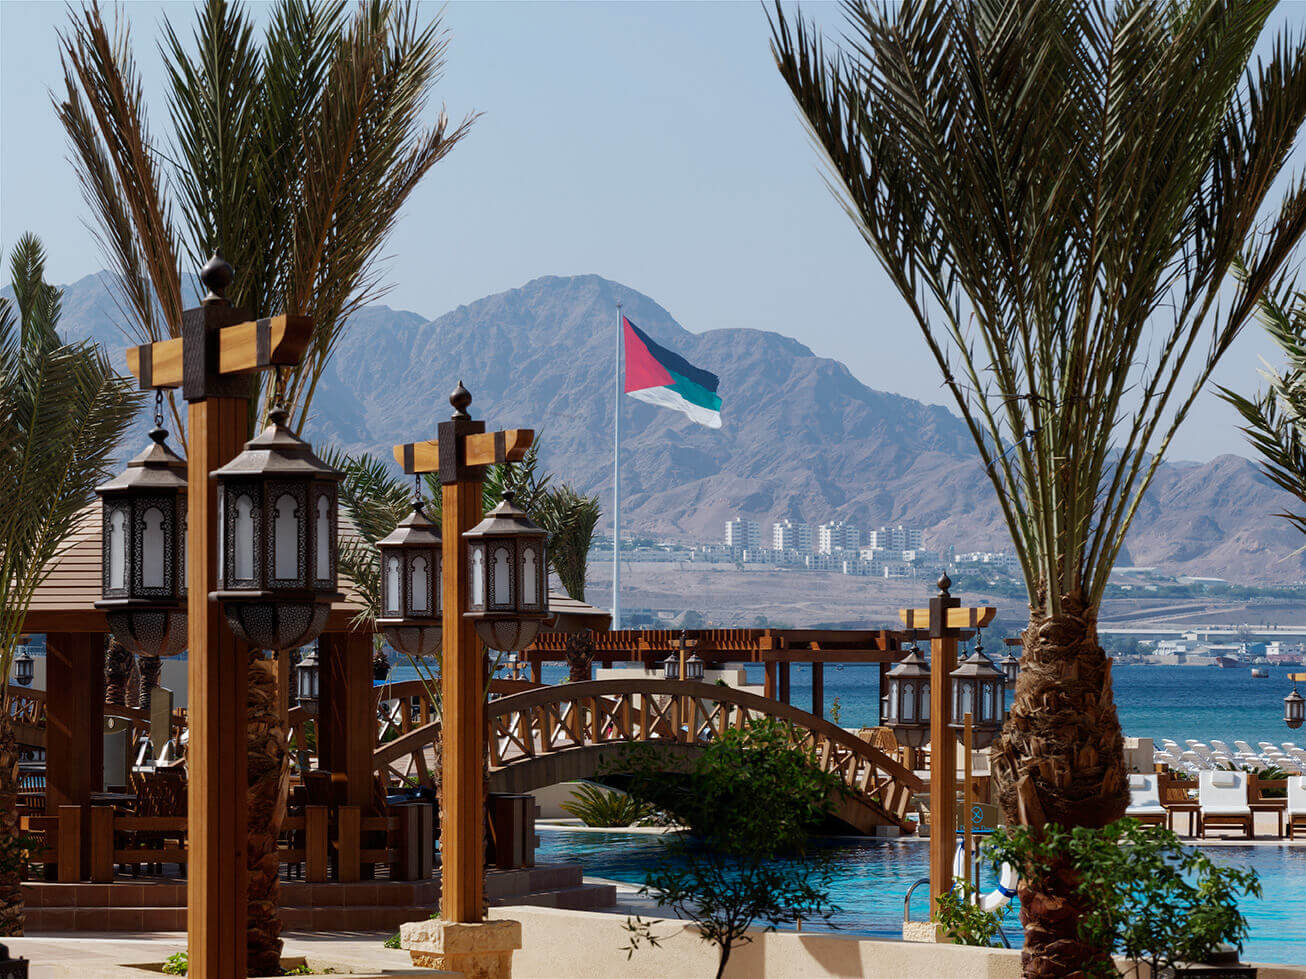 Aqaba